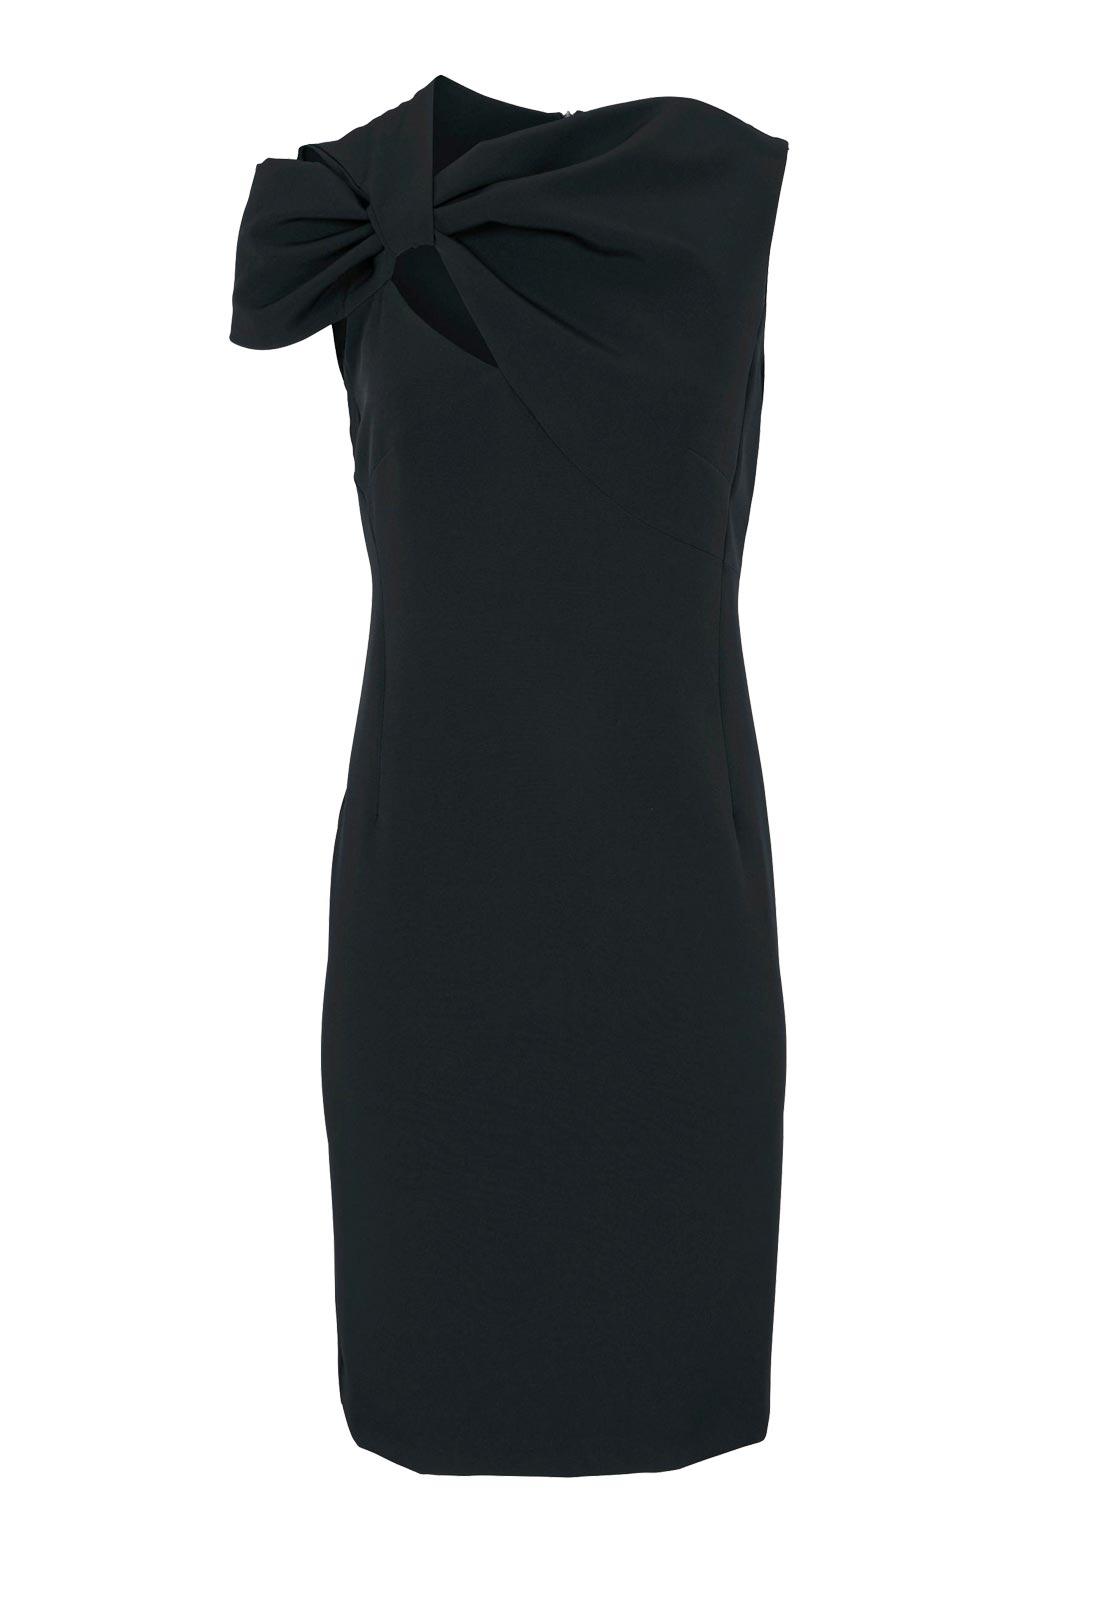 business kleider für damen Heine Etuikleid schwarz 722.744 Missforty